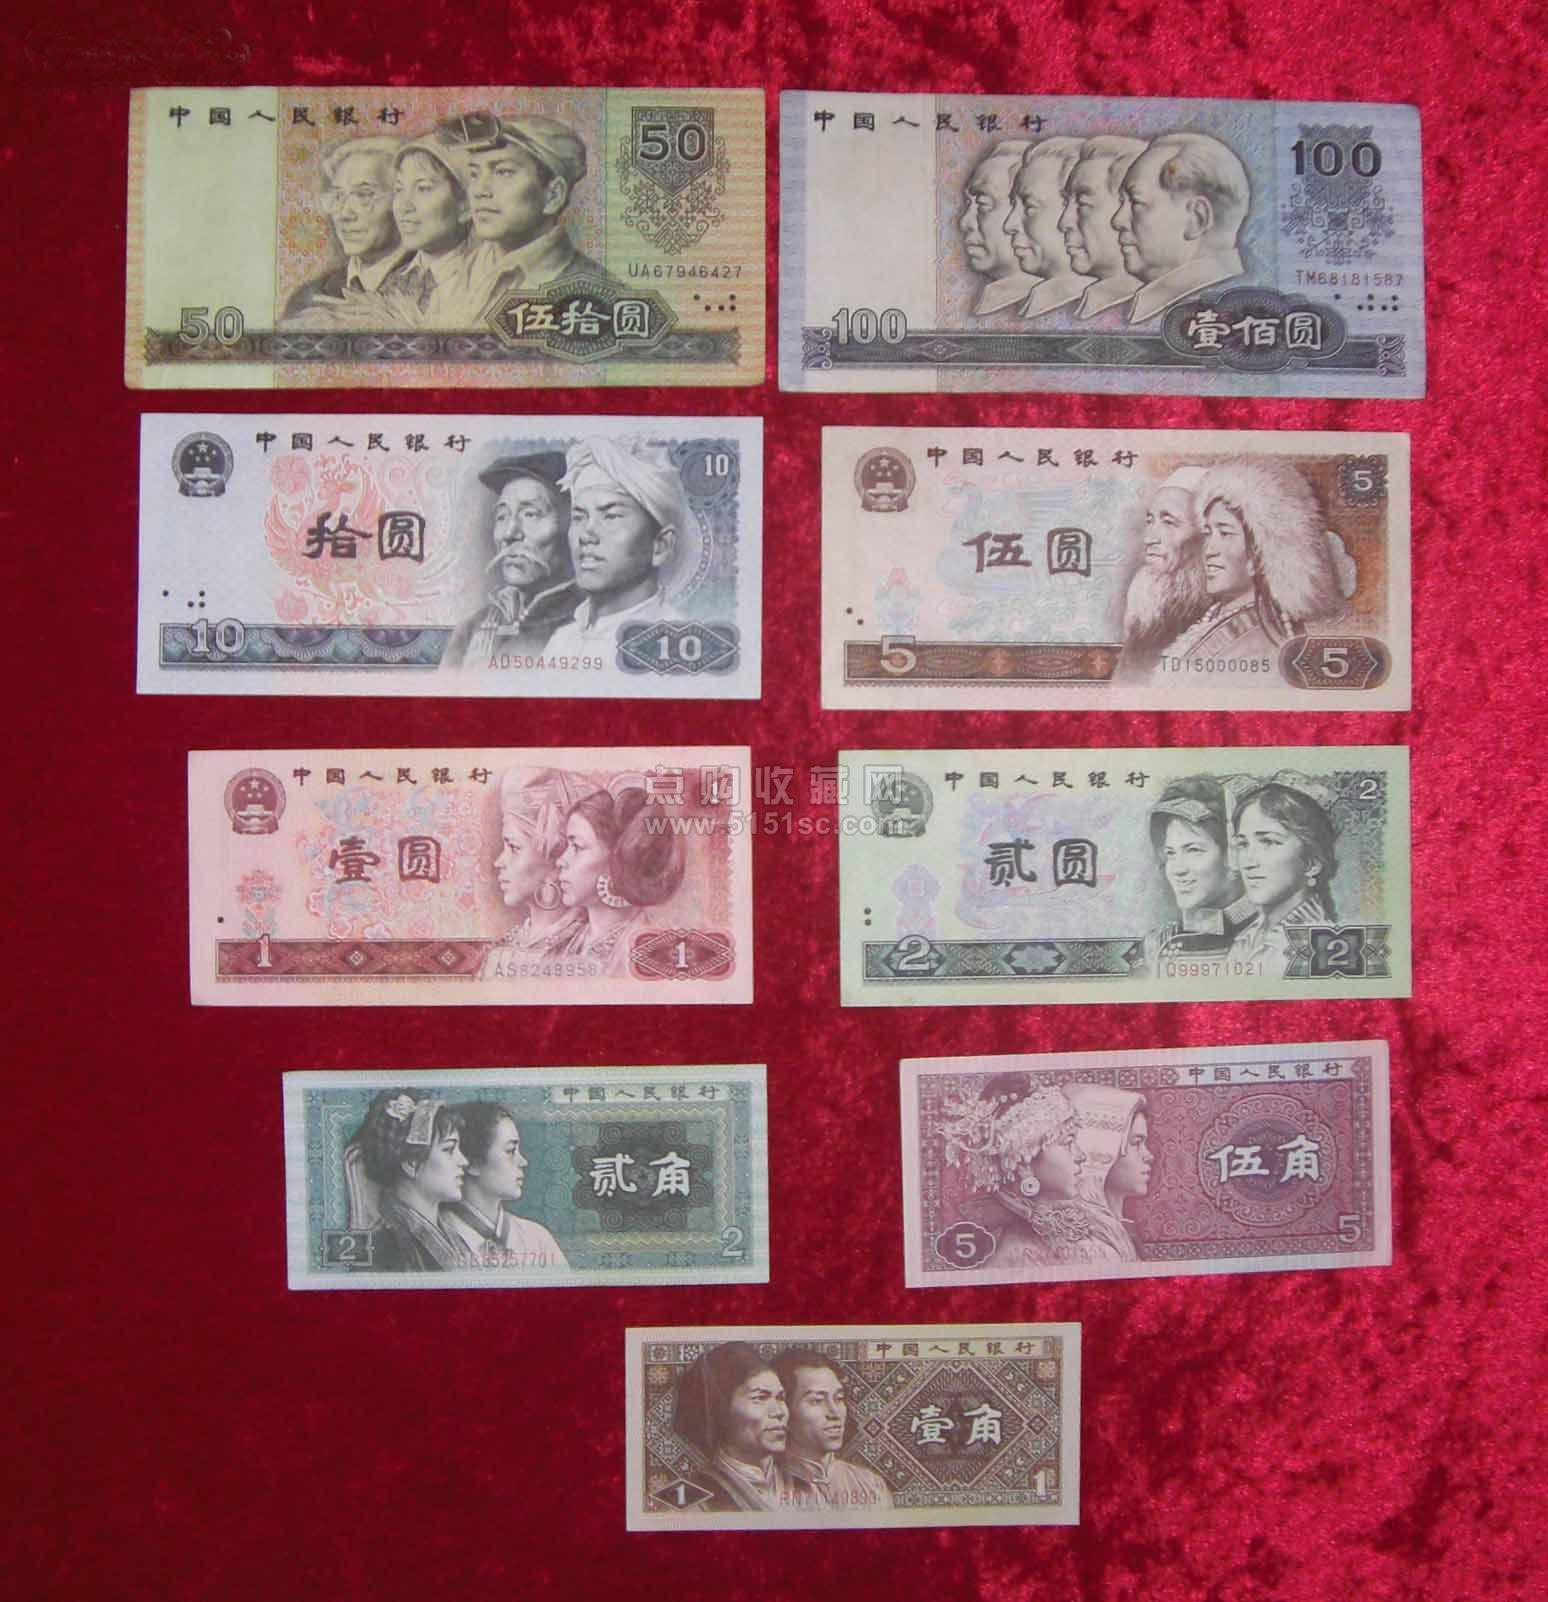 老版人民币收藏价格_收藏纸币的优势_点购收藏网